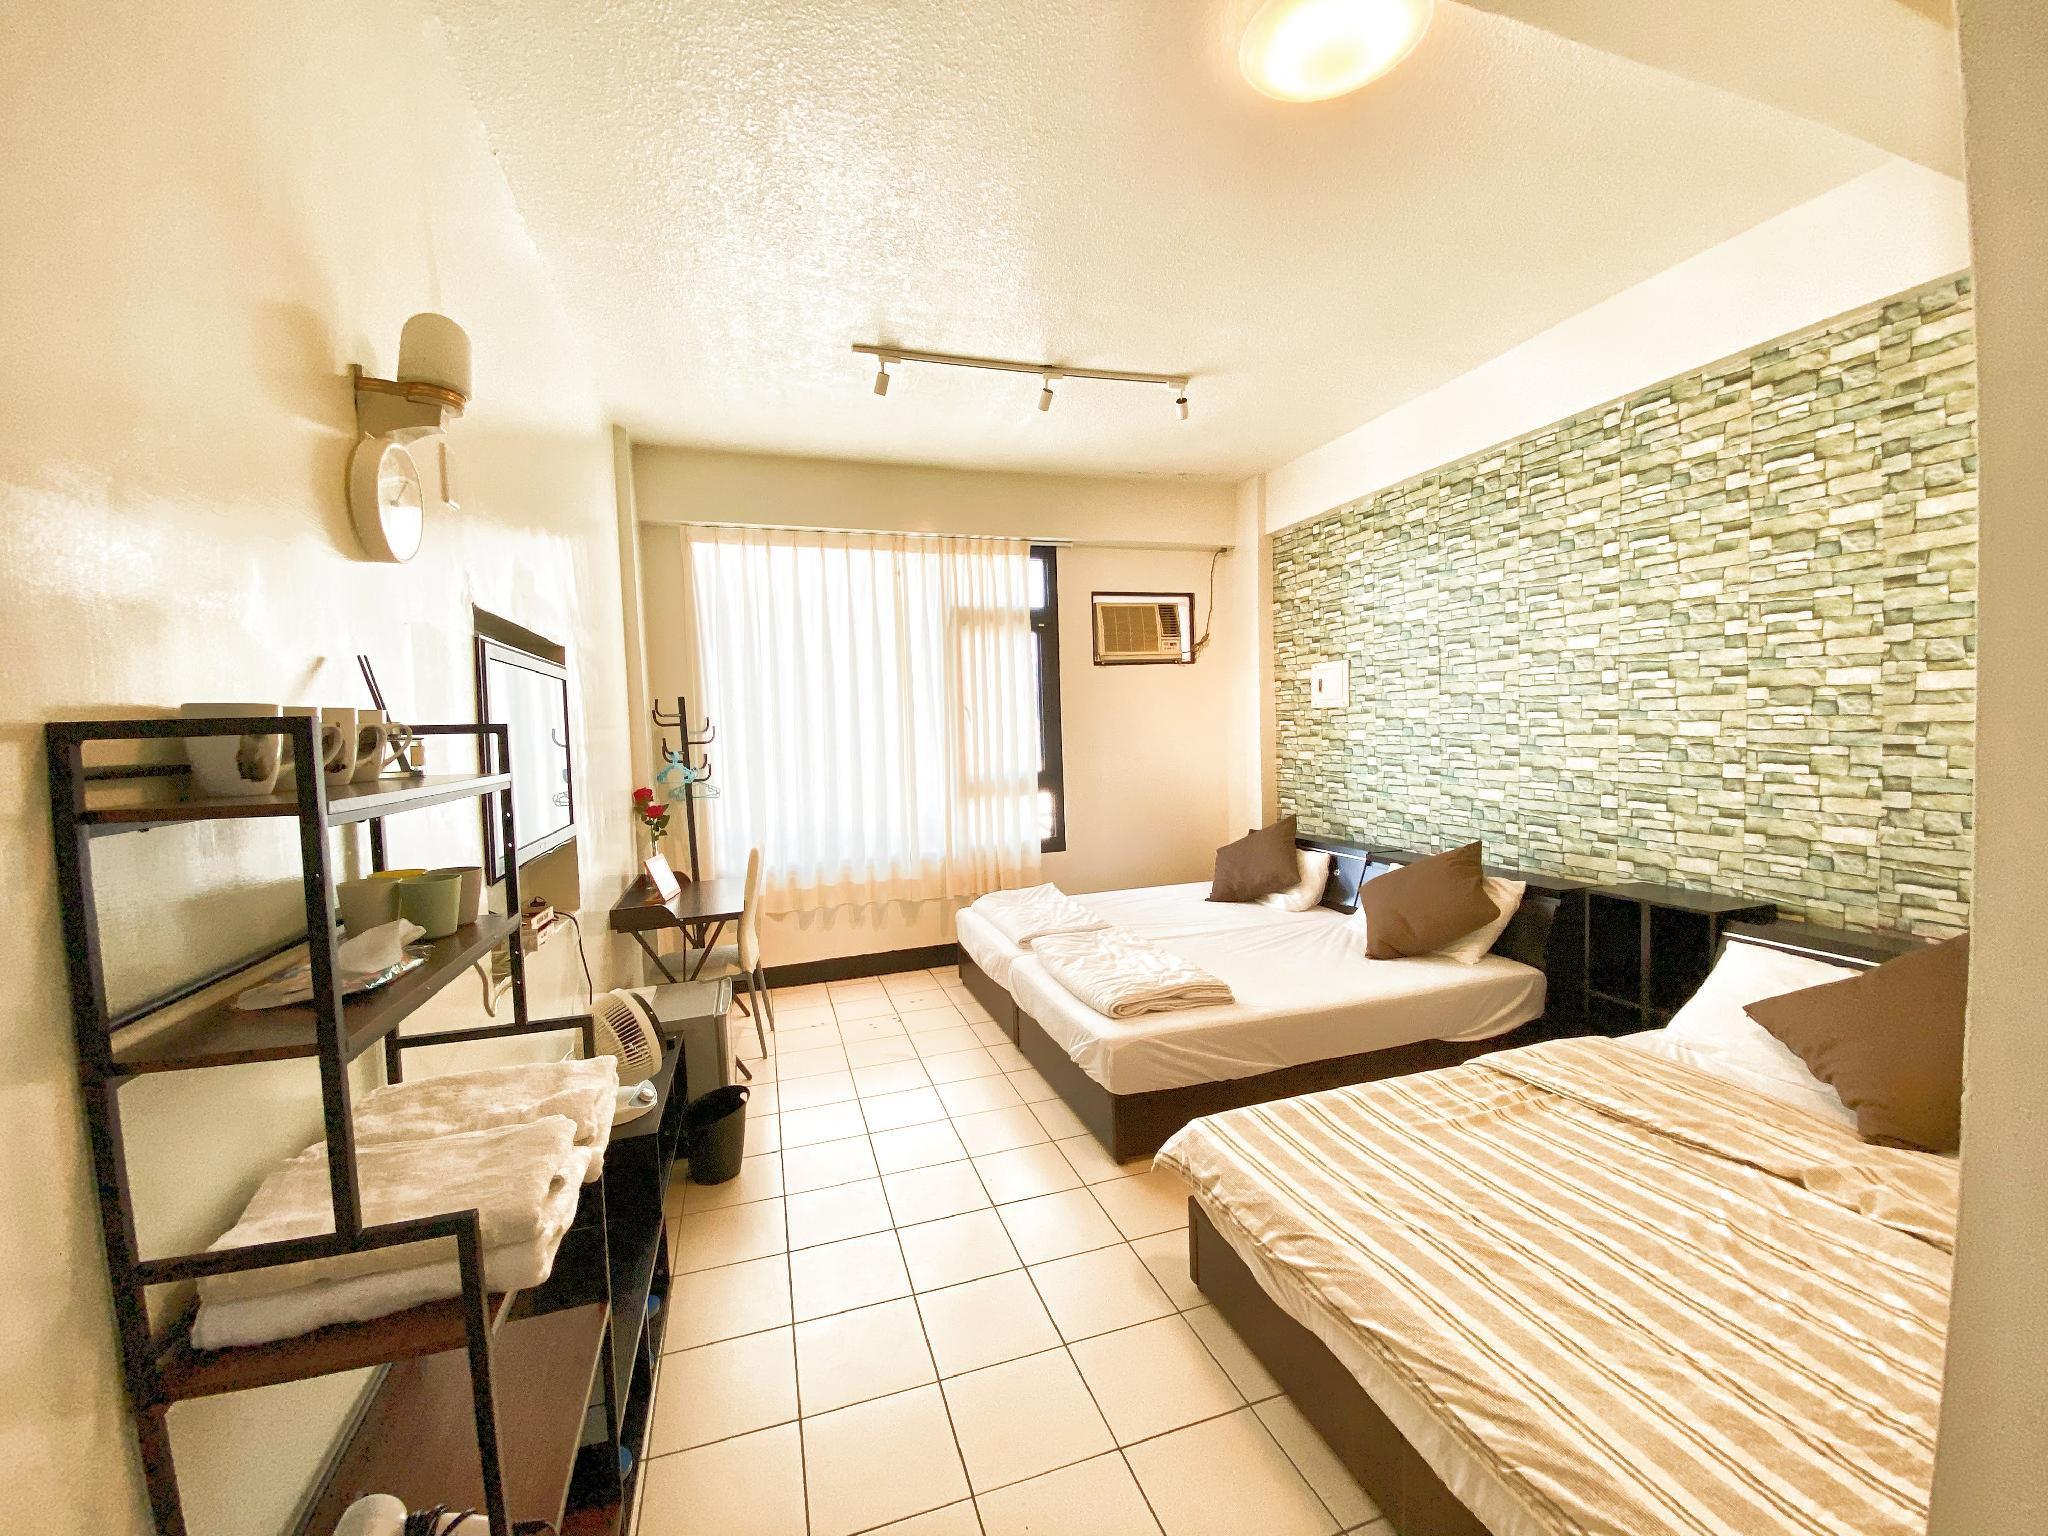 G house Economy Quadruple Room 4-1